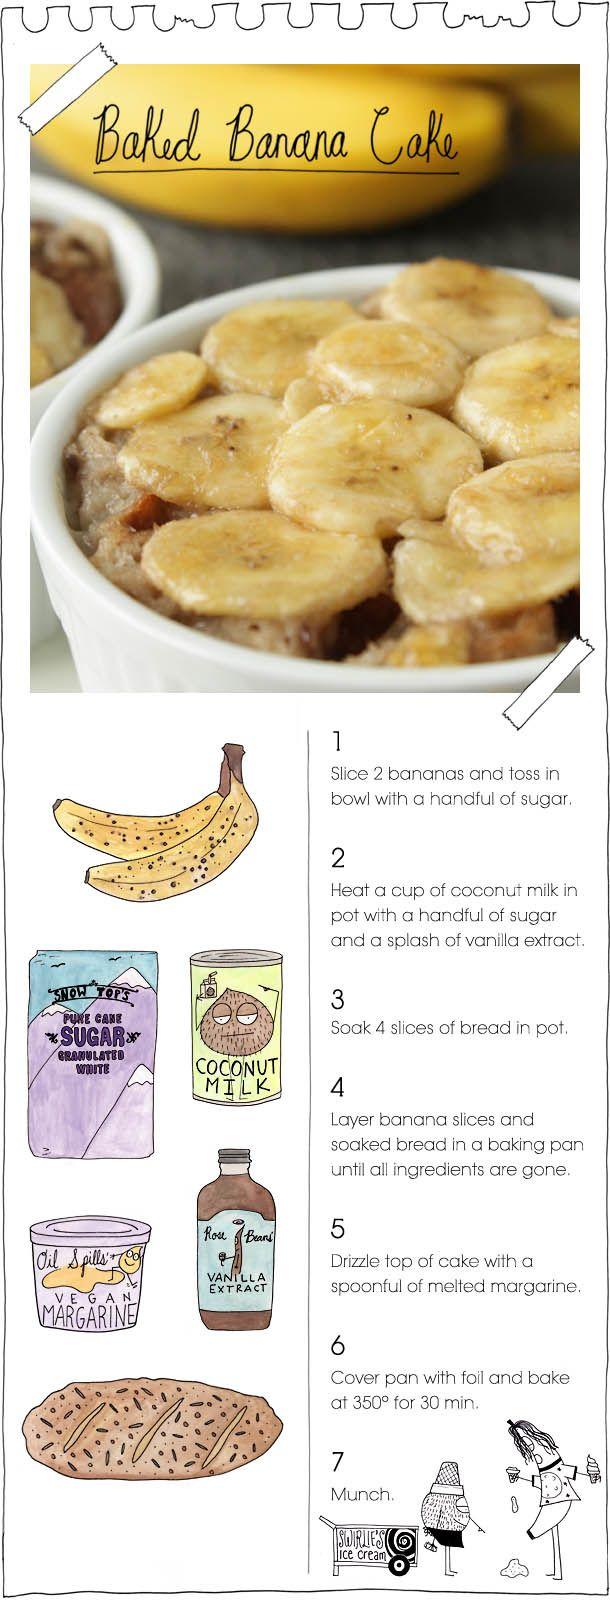 Baked Banana Cake - The Vegan Stoner